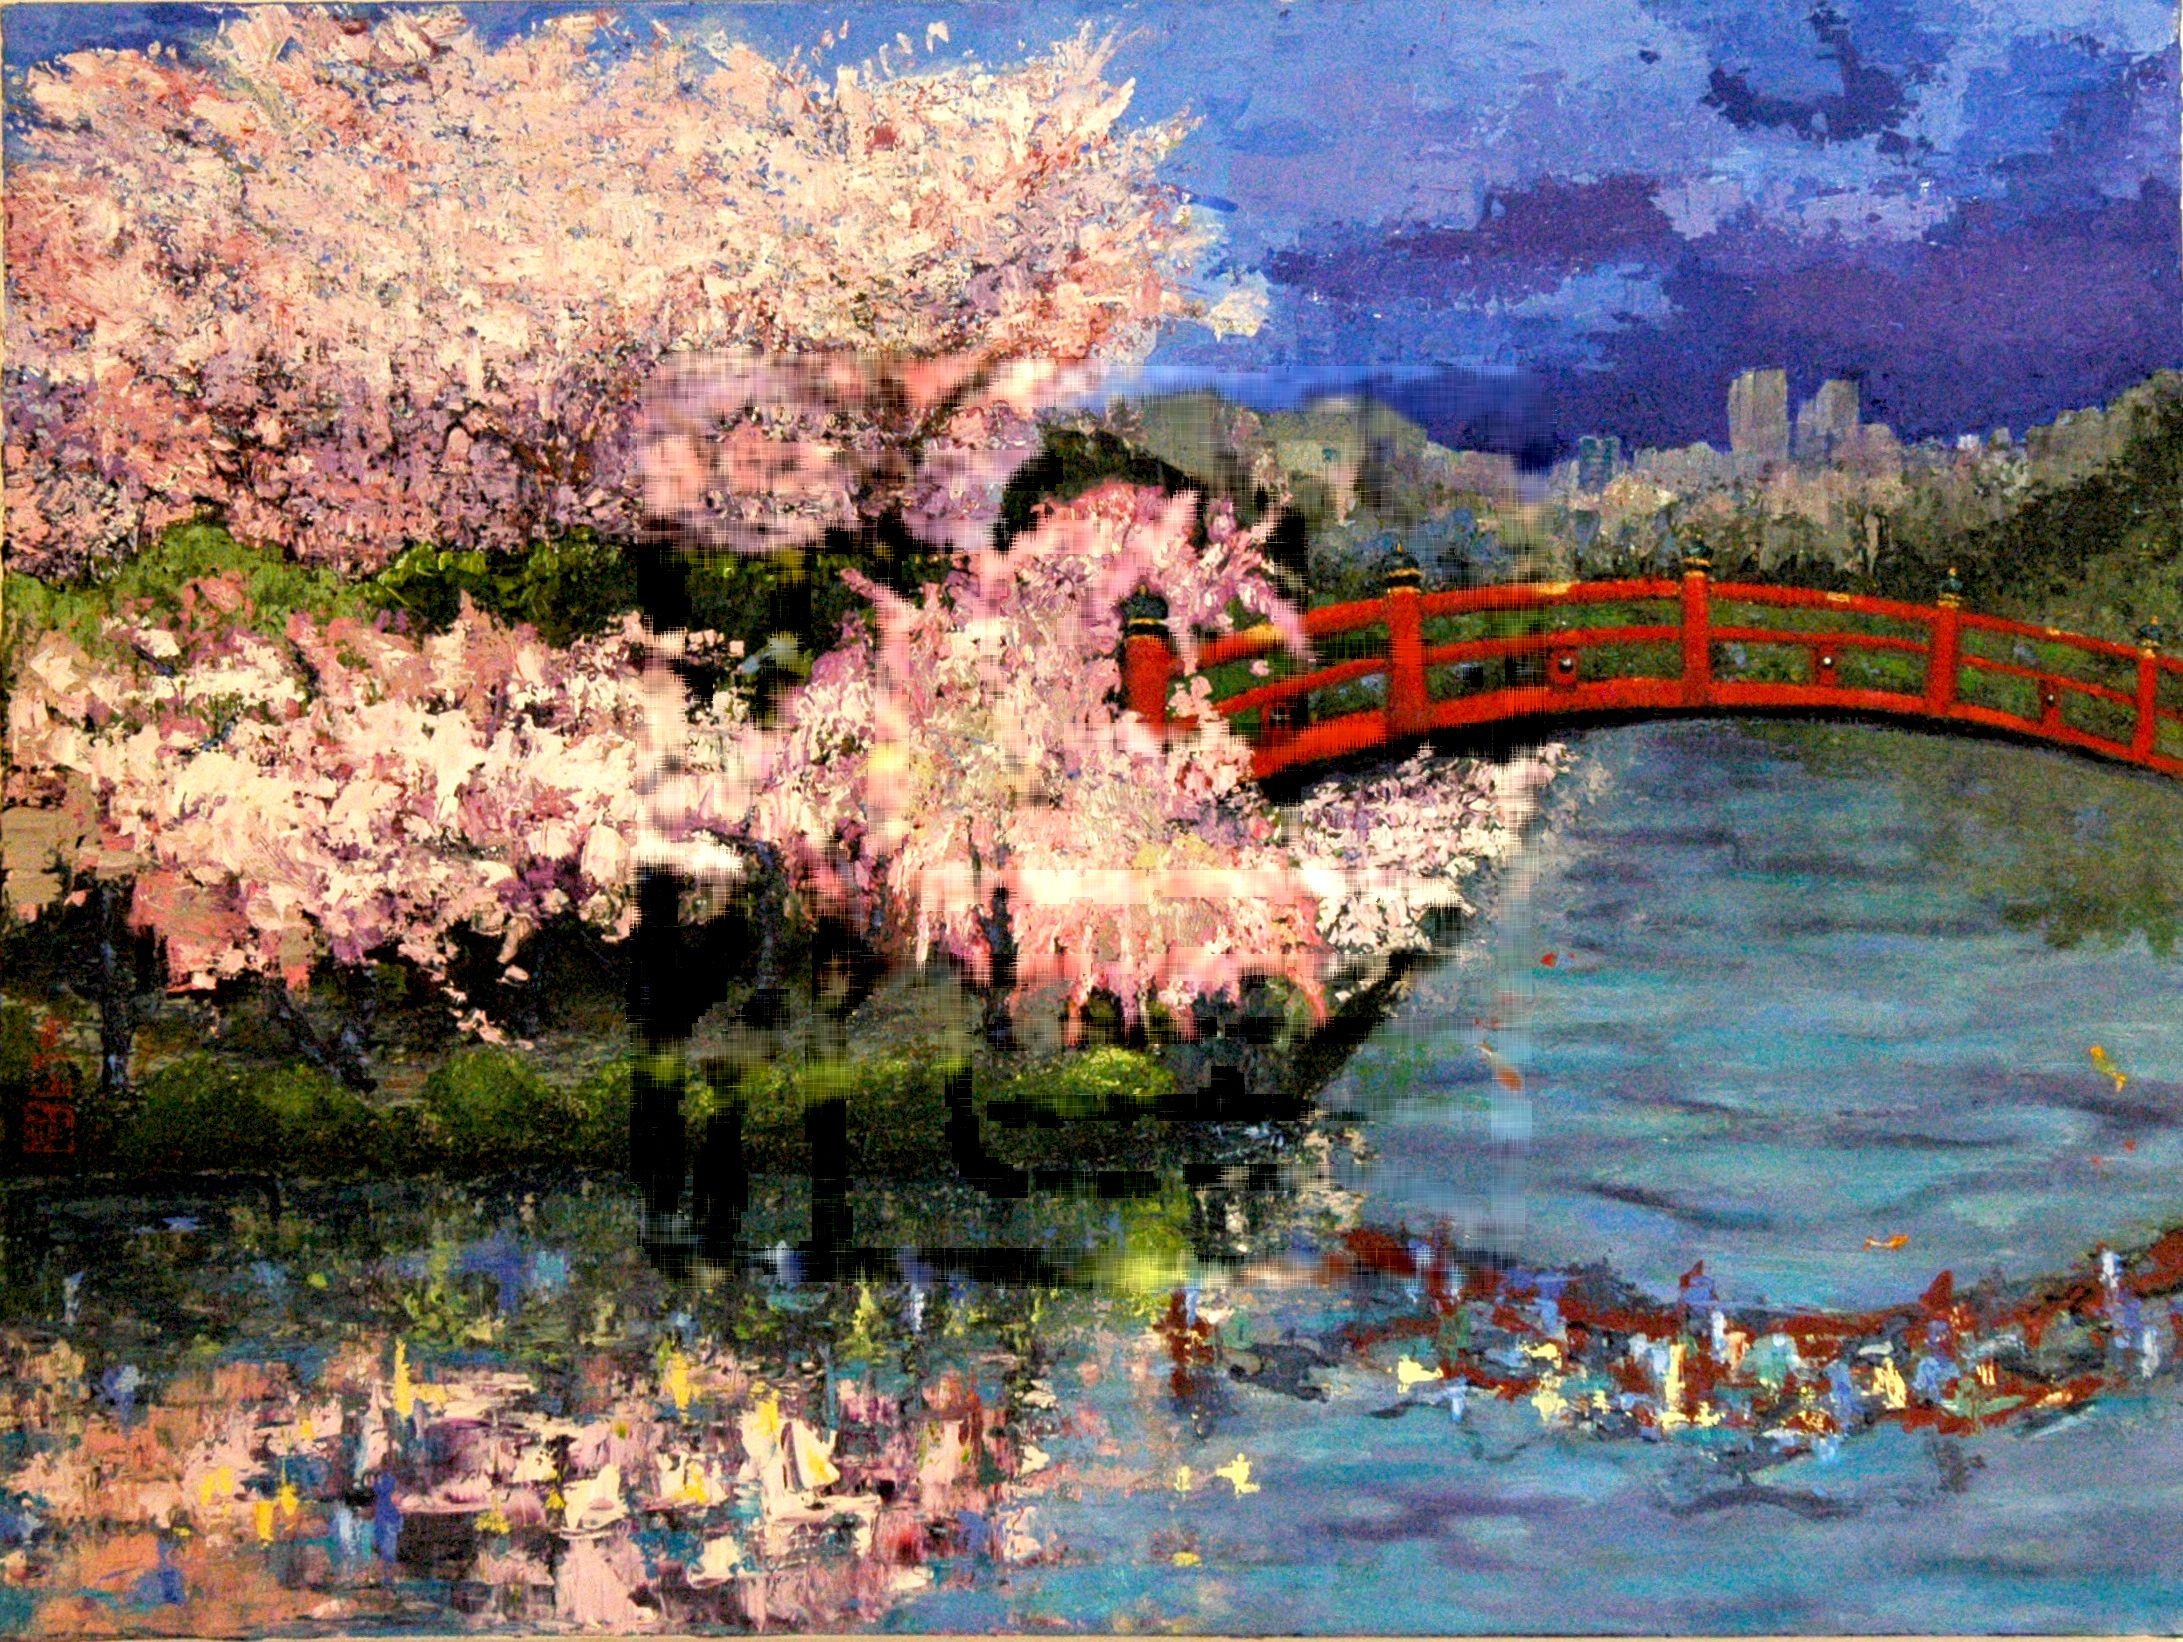 pin japanese garden art landscape wallpaper 1680x1050 on pinterest 2183x1642 in 36588 - Japanese Garden Cherry Blossom Paintings